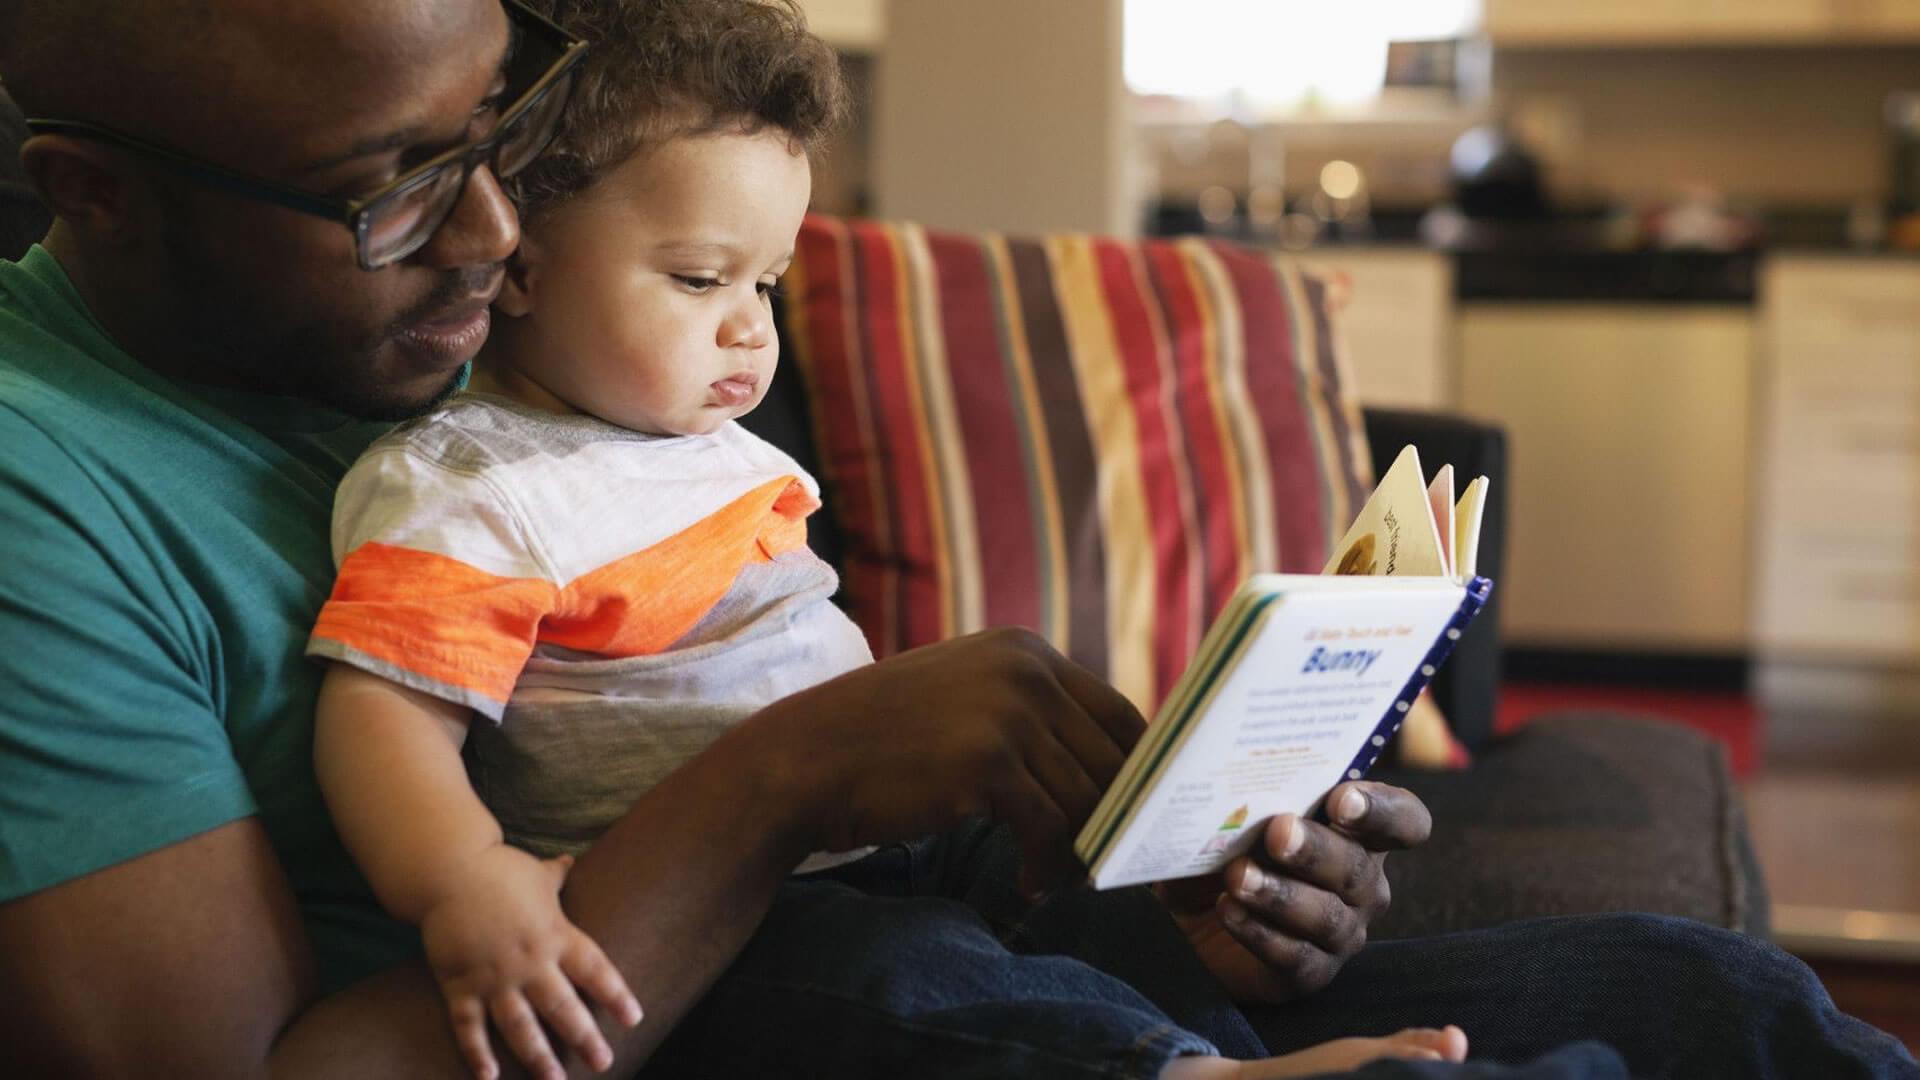 O jeito certo de ler para uma criança (ou como a literatura pode fazê-las crescerem com sucesso)